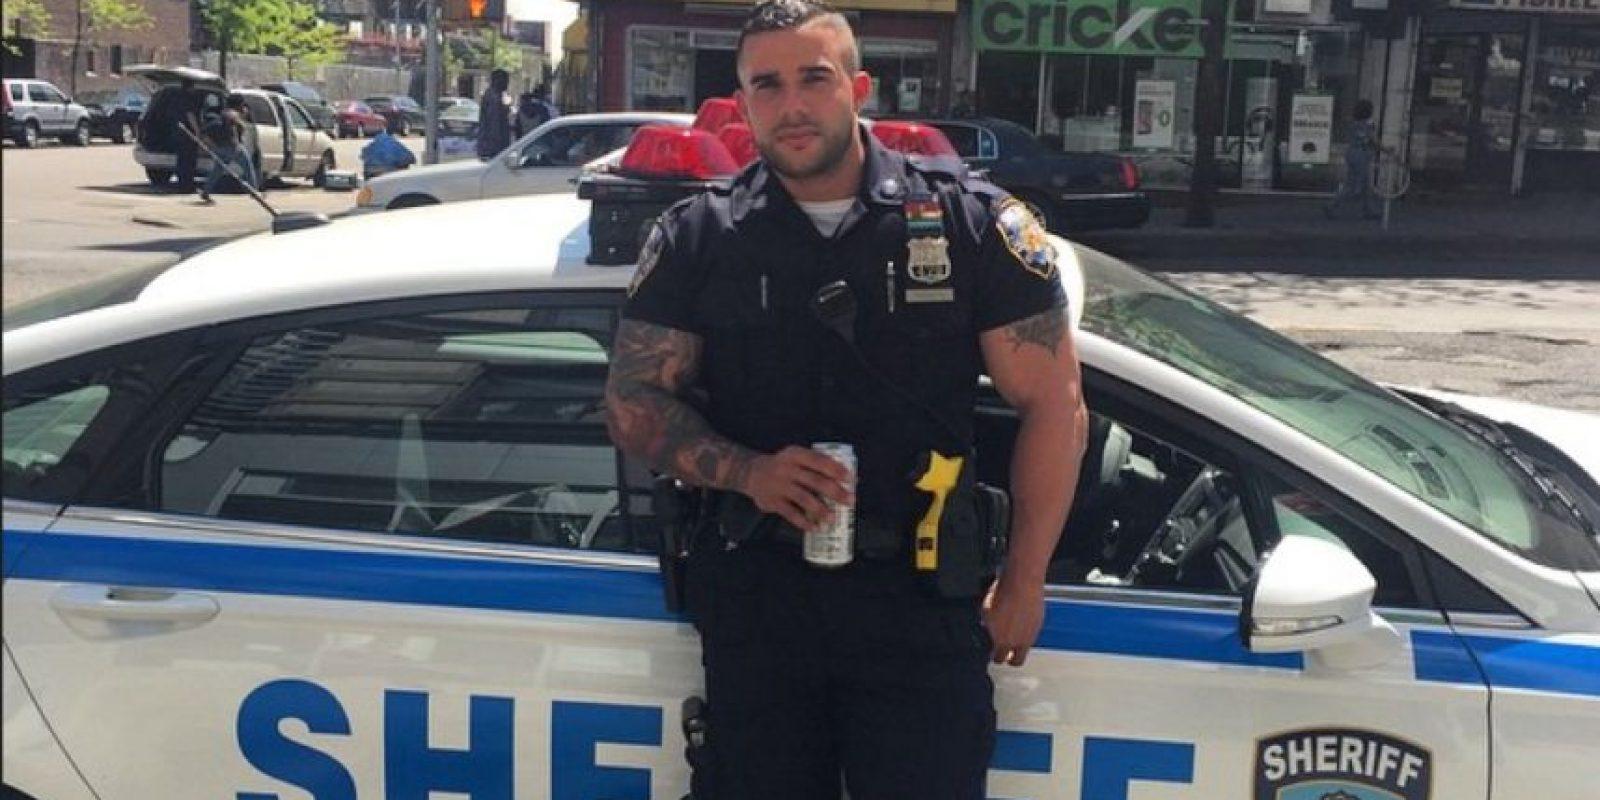 El oficial Miguel Pimentel de origen latino llamó la atención por su atractivo físico. Algunas mujeres le pedían fotos en la calle. Foto:Vía Instagram @keepnitone00